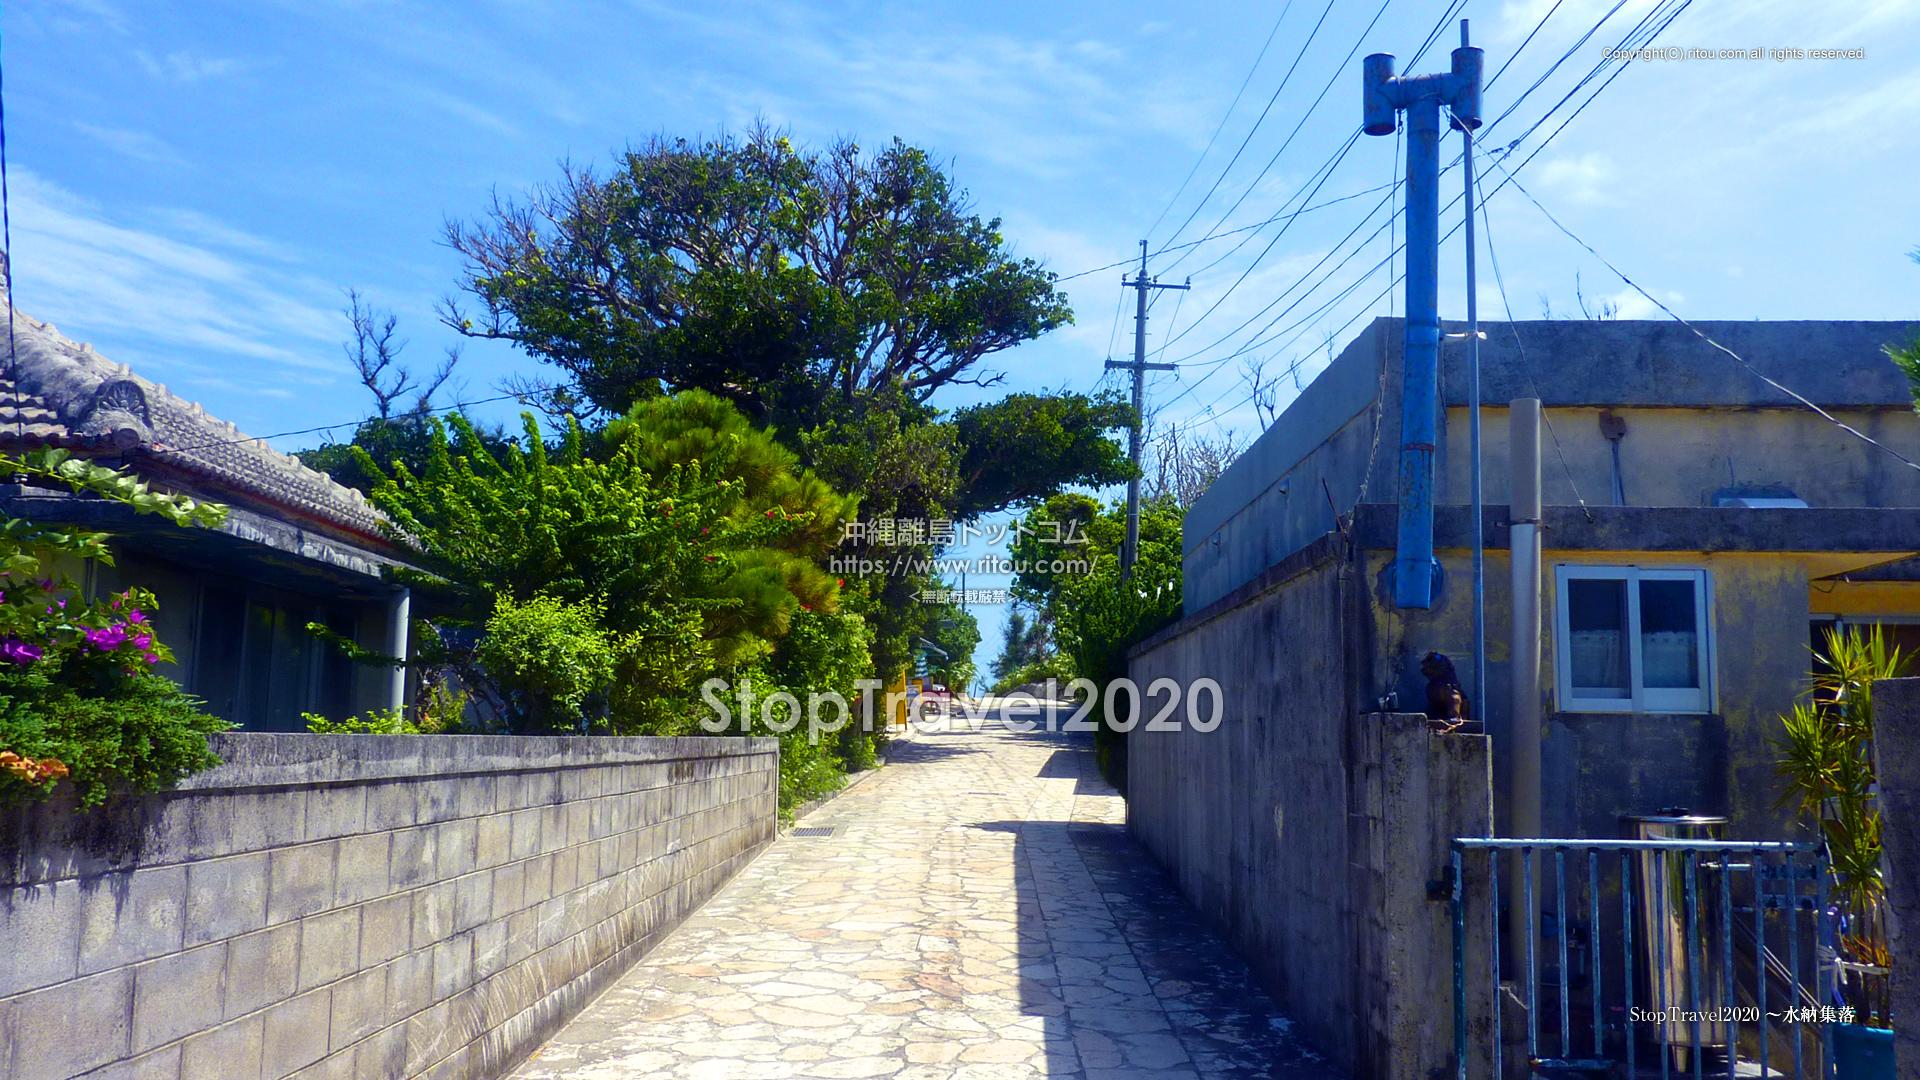 StopTravel2020〜水納集落